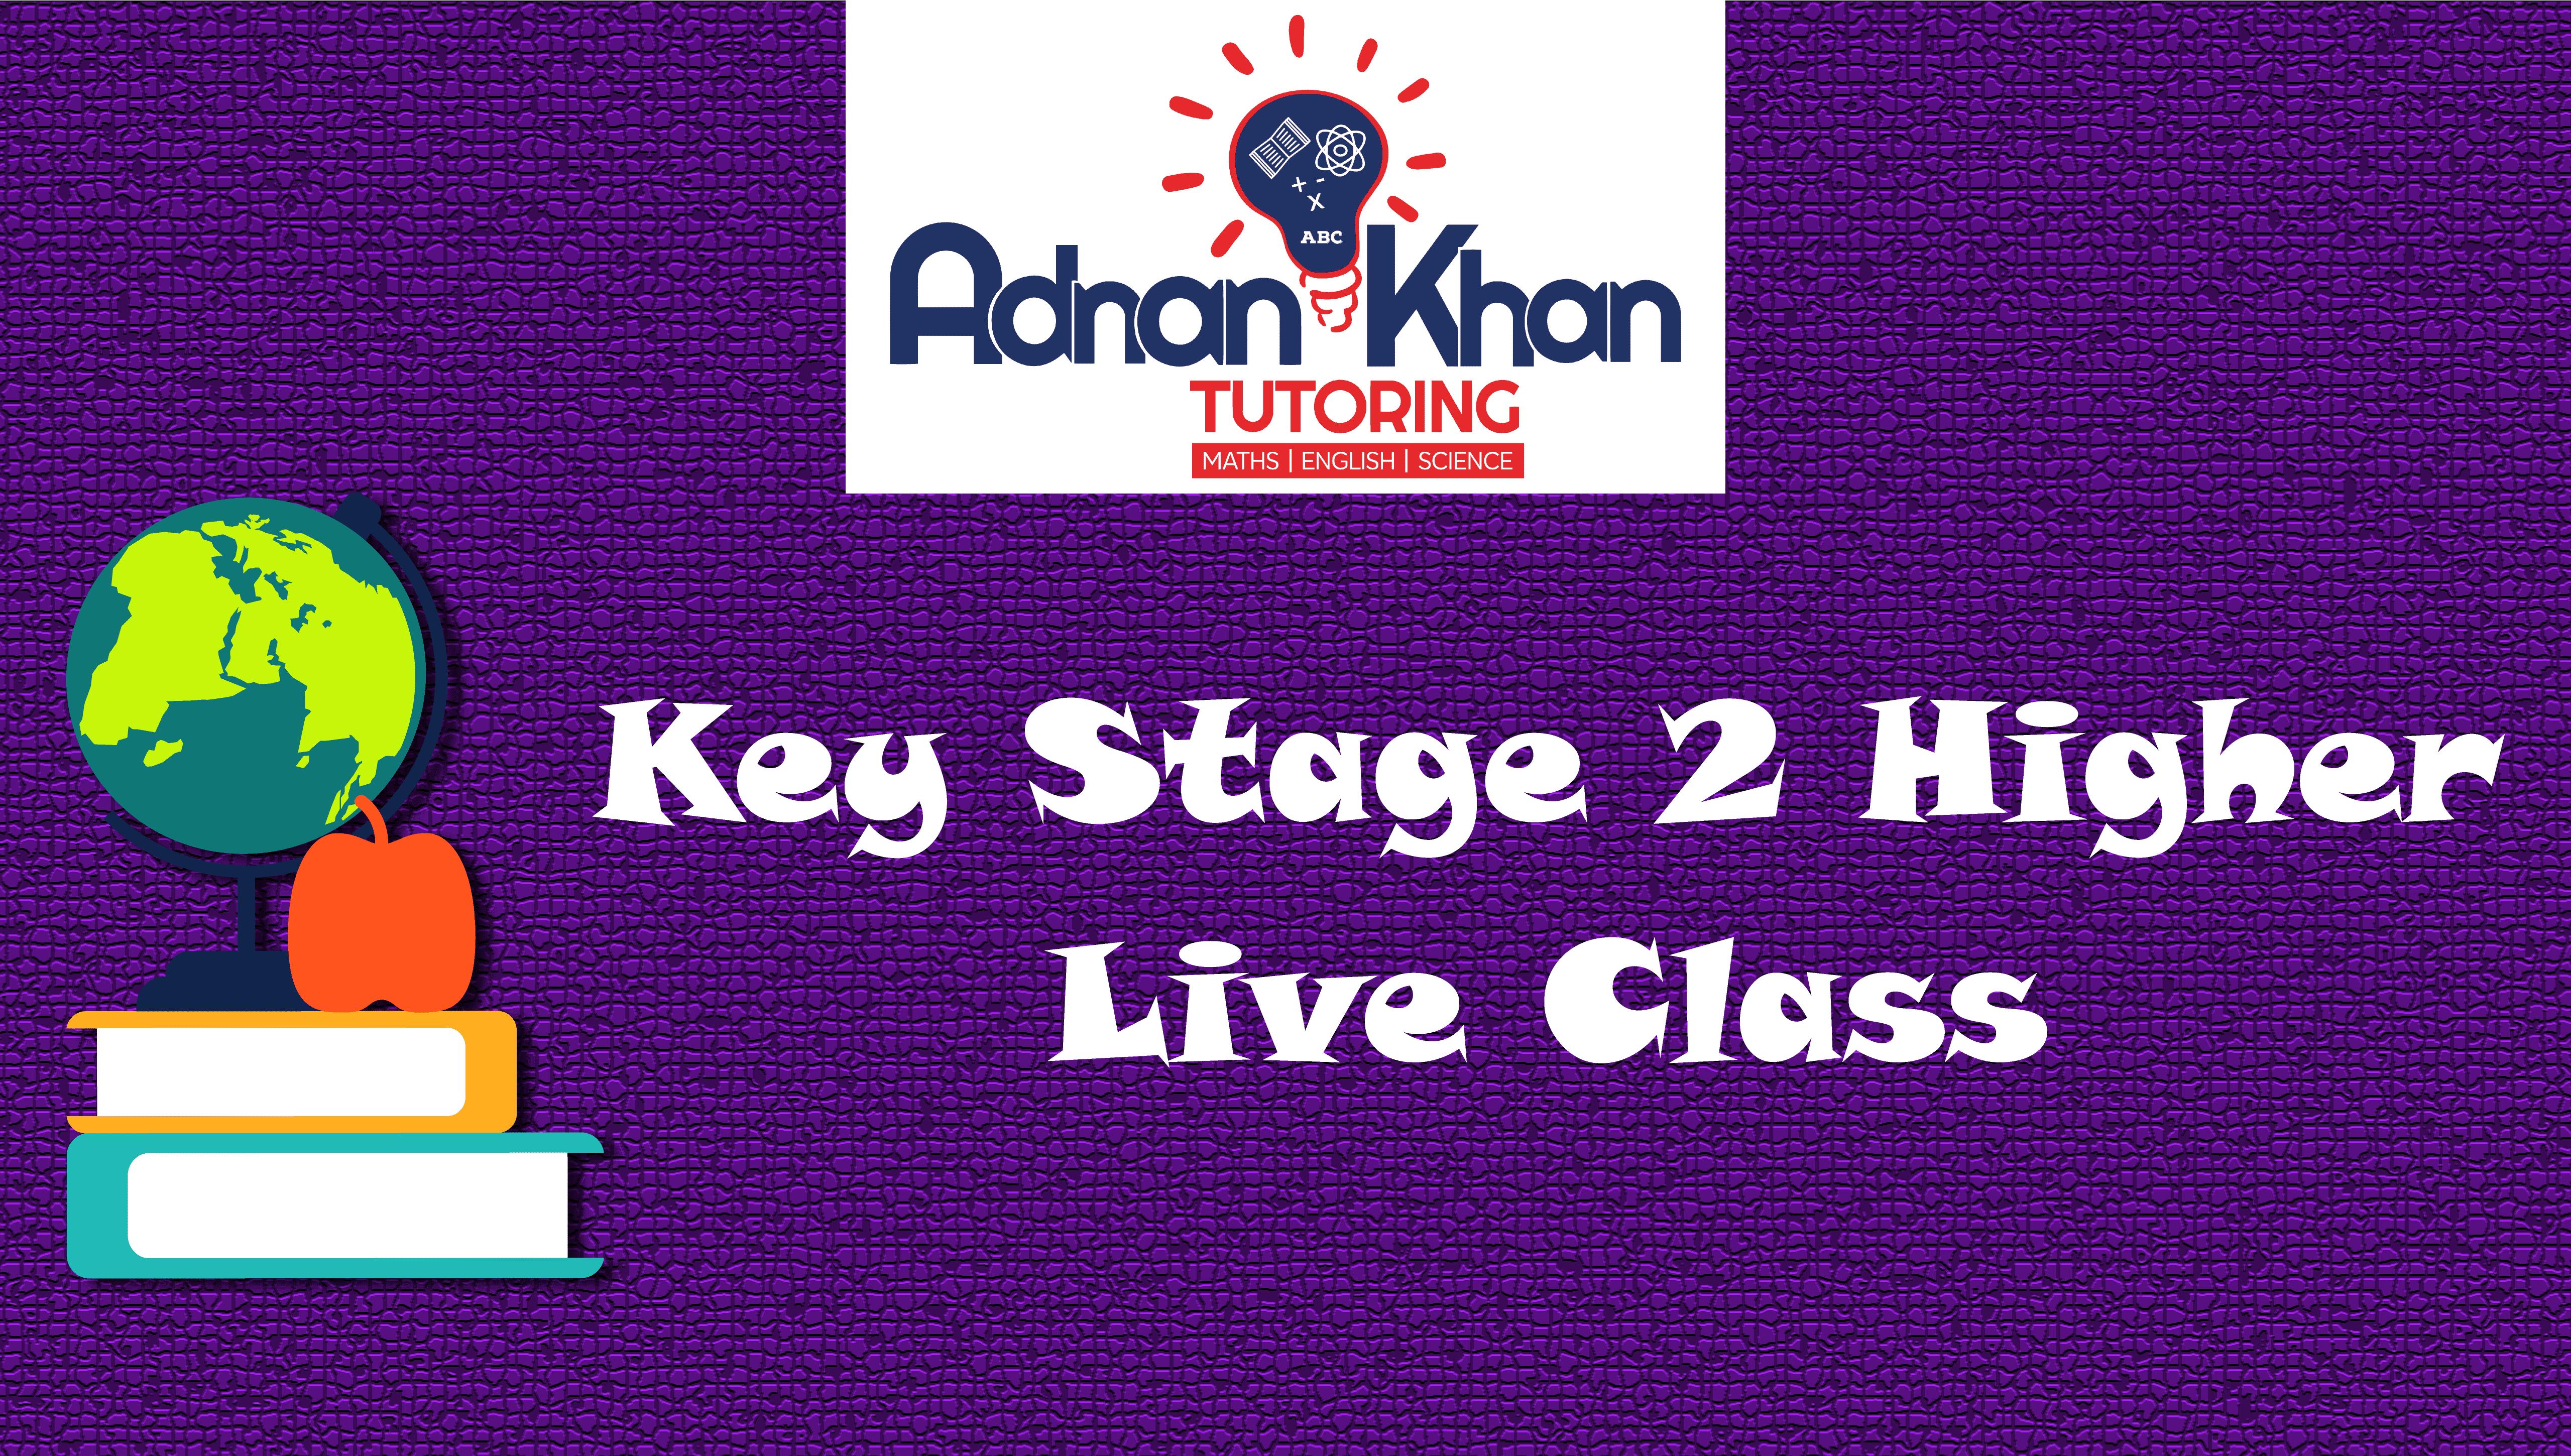 Key Stage 2 Higher Live Class Adnan Khan Tutoring